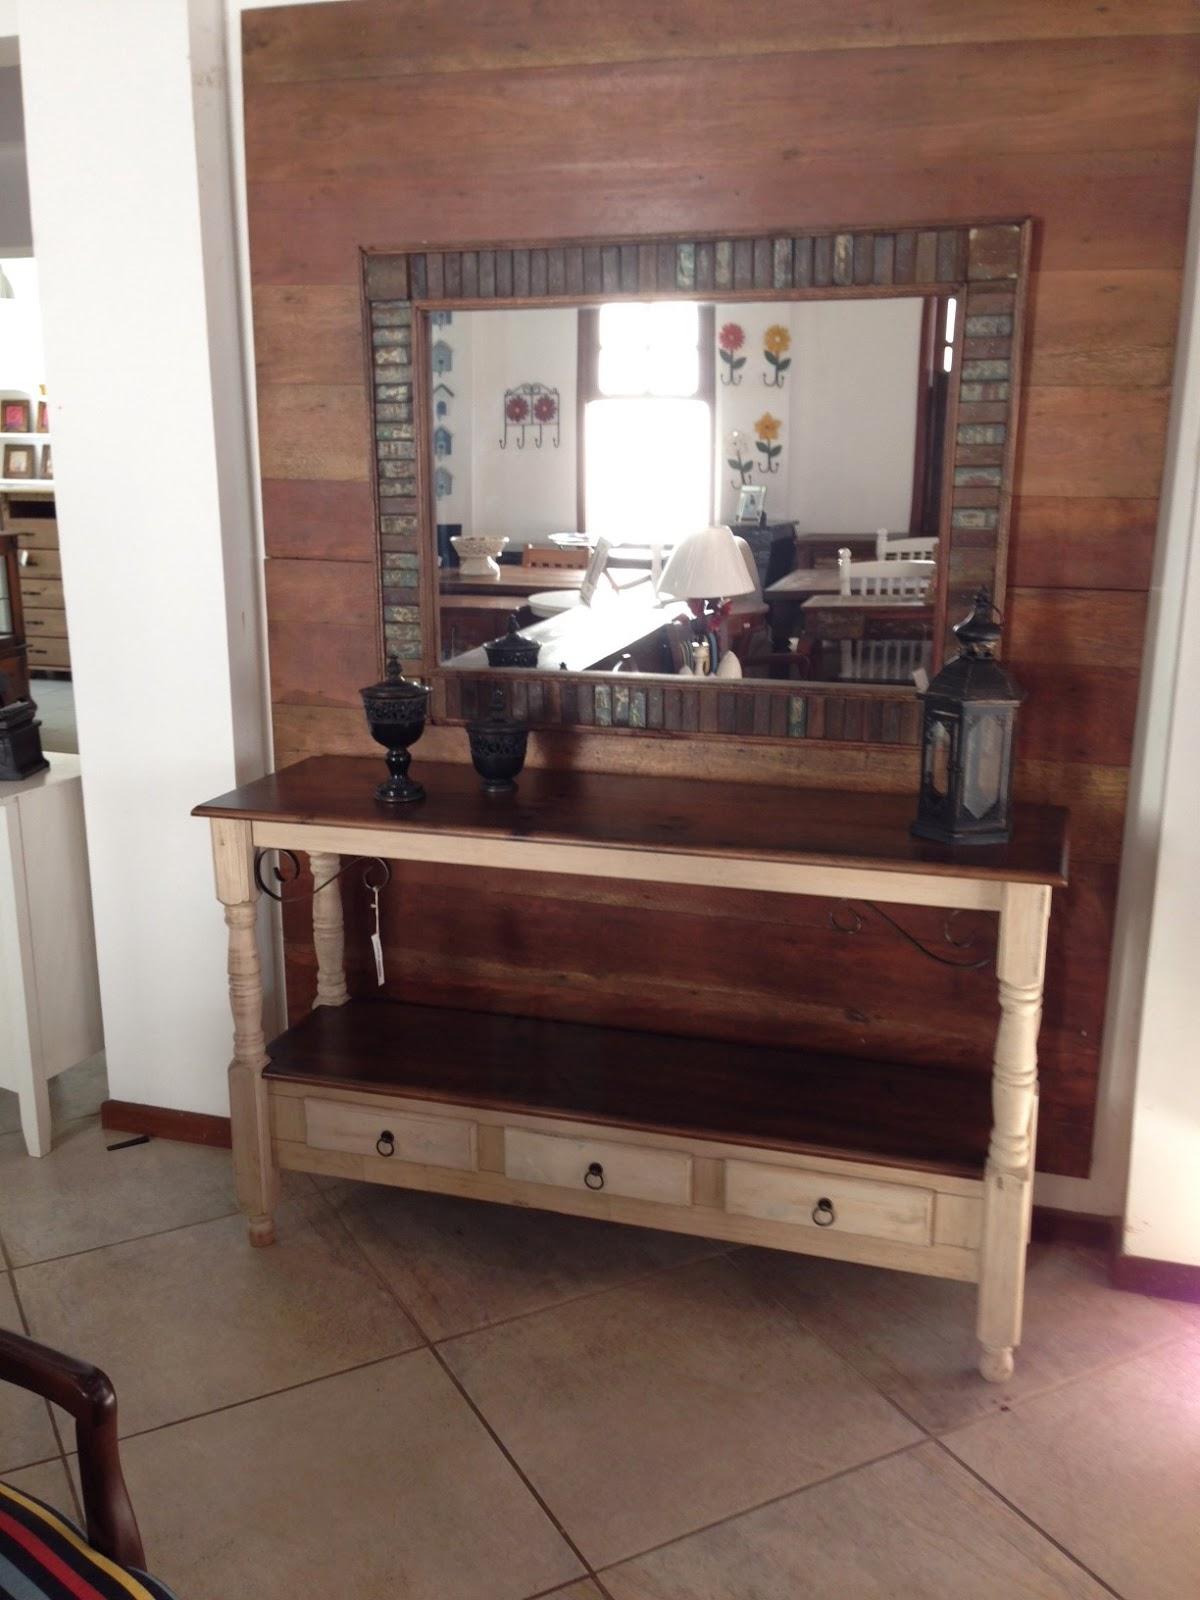 Casa Mix: Aparador de madeira envelhecido com detalhe em ferro #9A313E 1200x1600